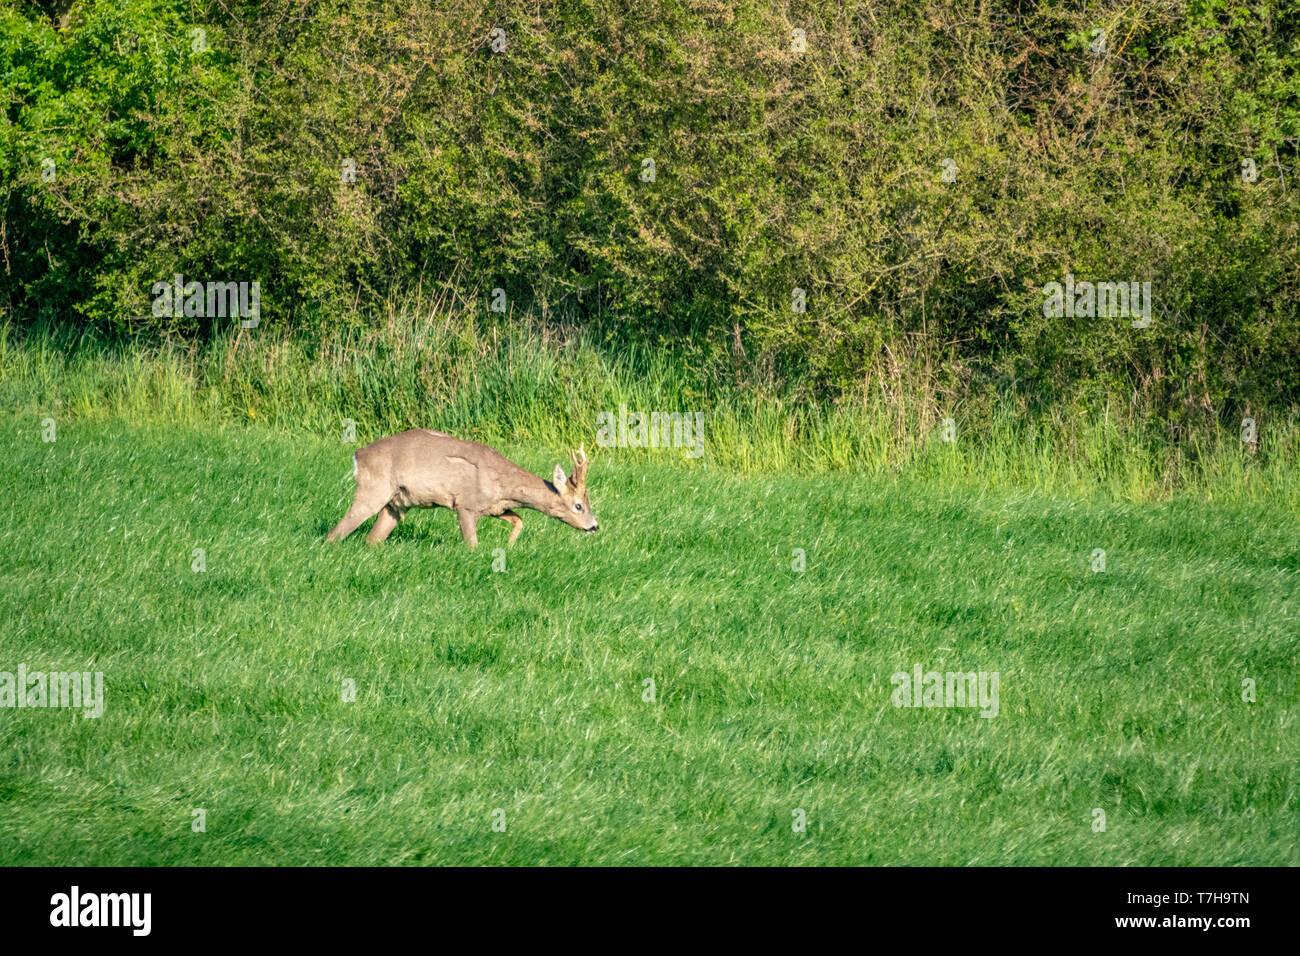 Ein junger Hirsch läuft über eine grüne Wiese und frisst Gras Stockfoto